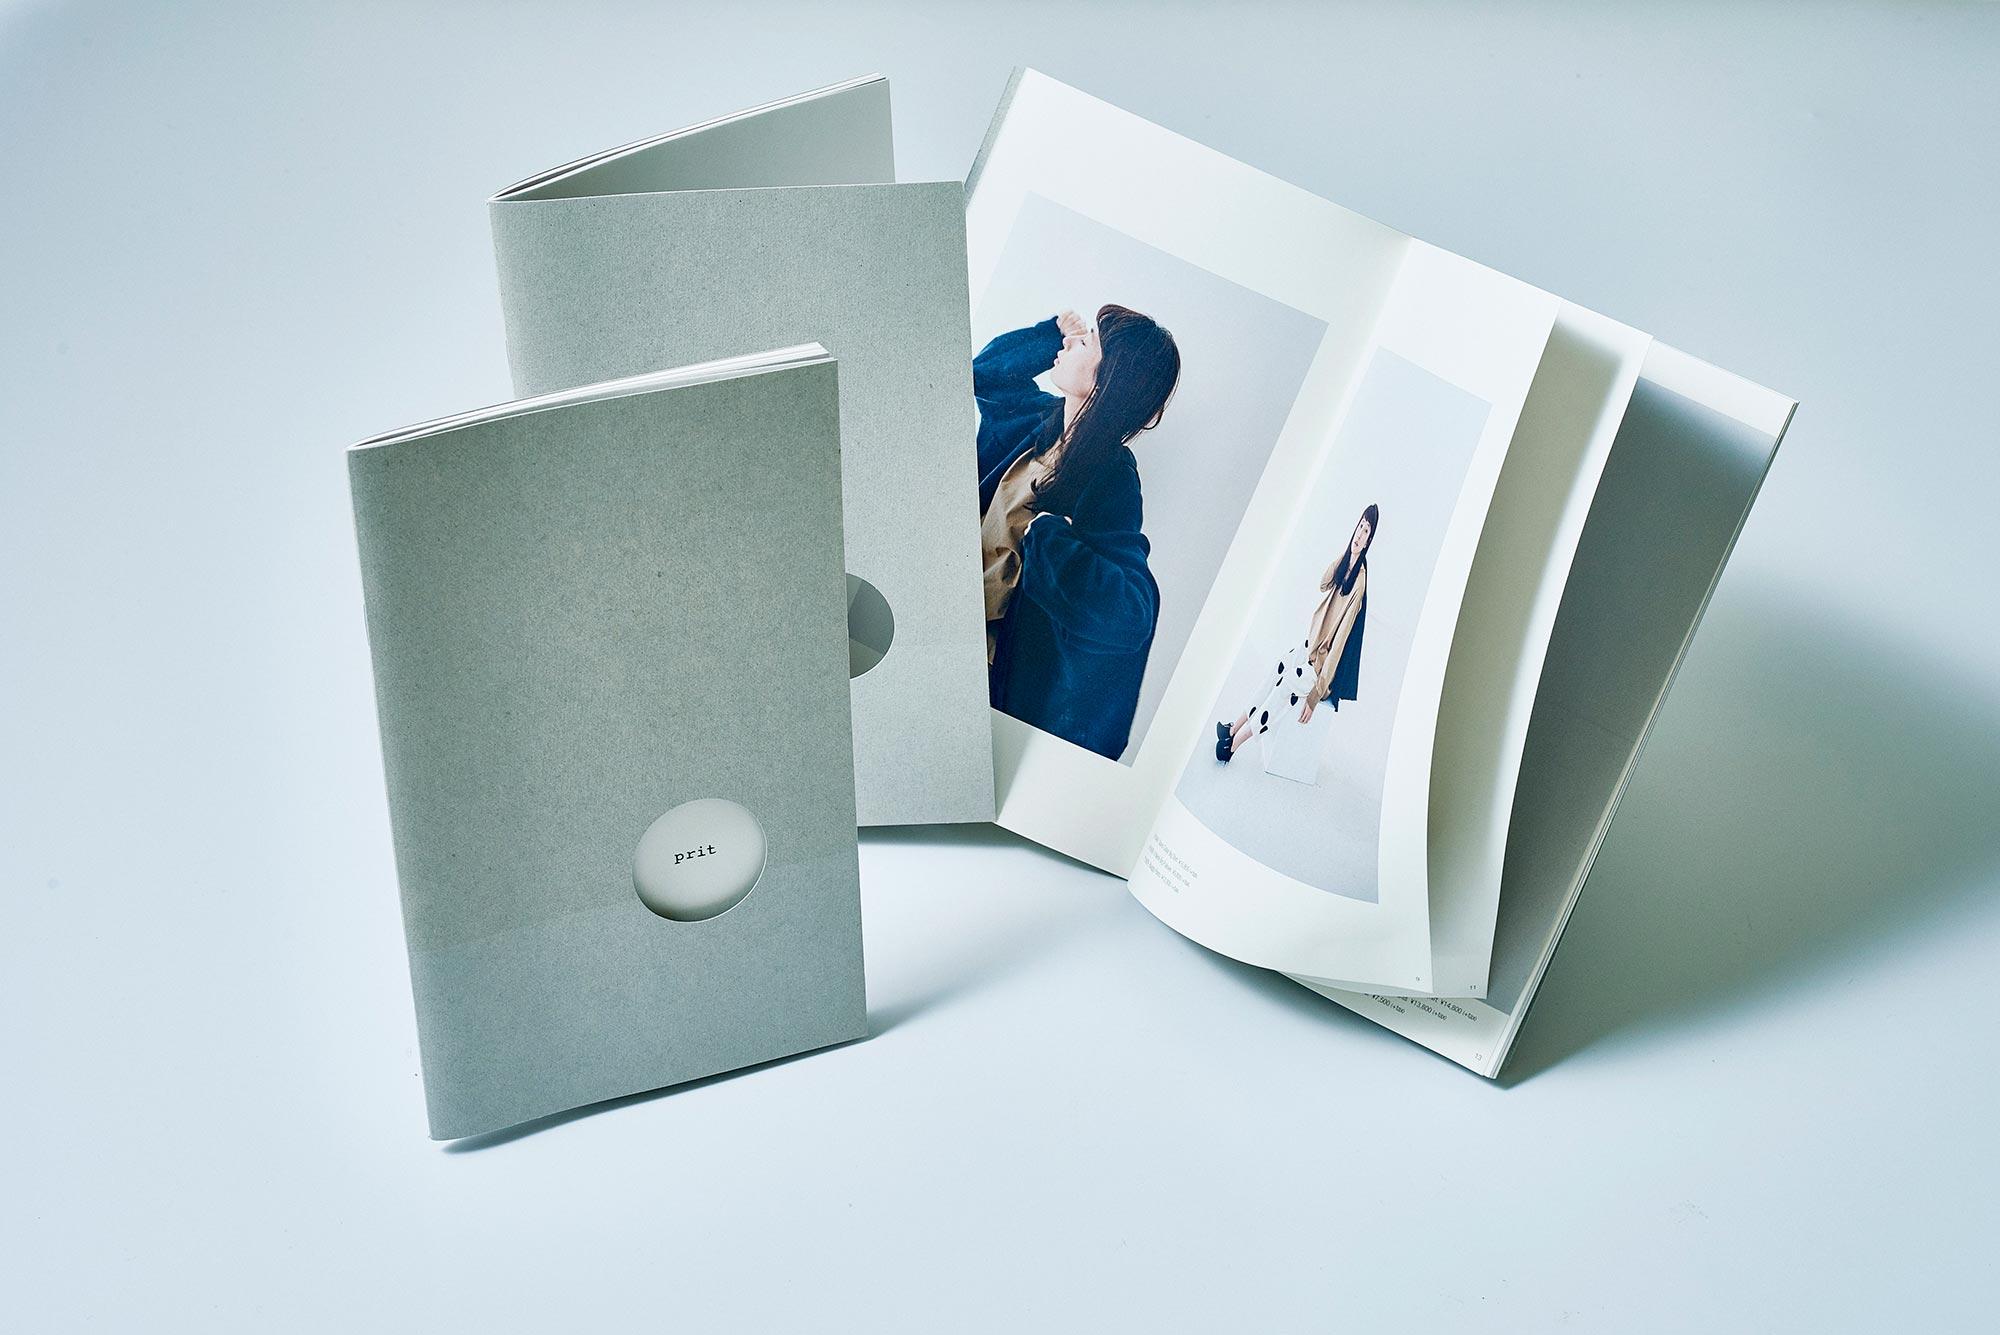 003prit_catalog